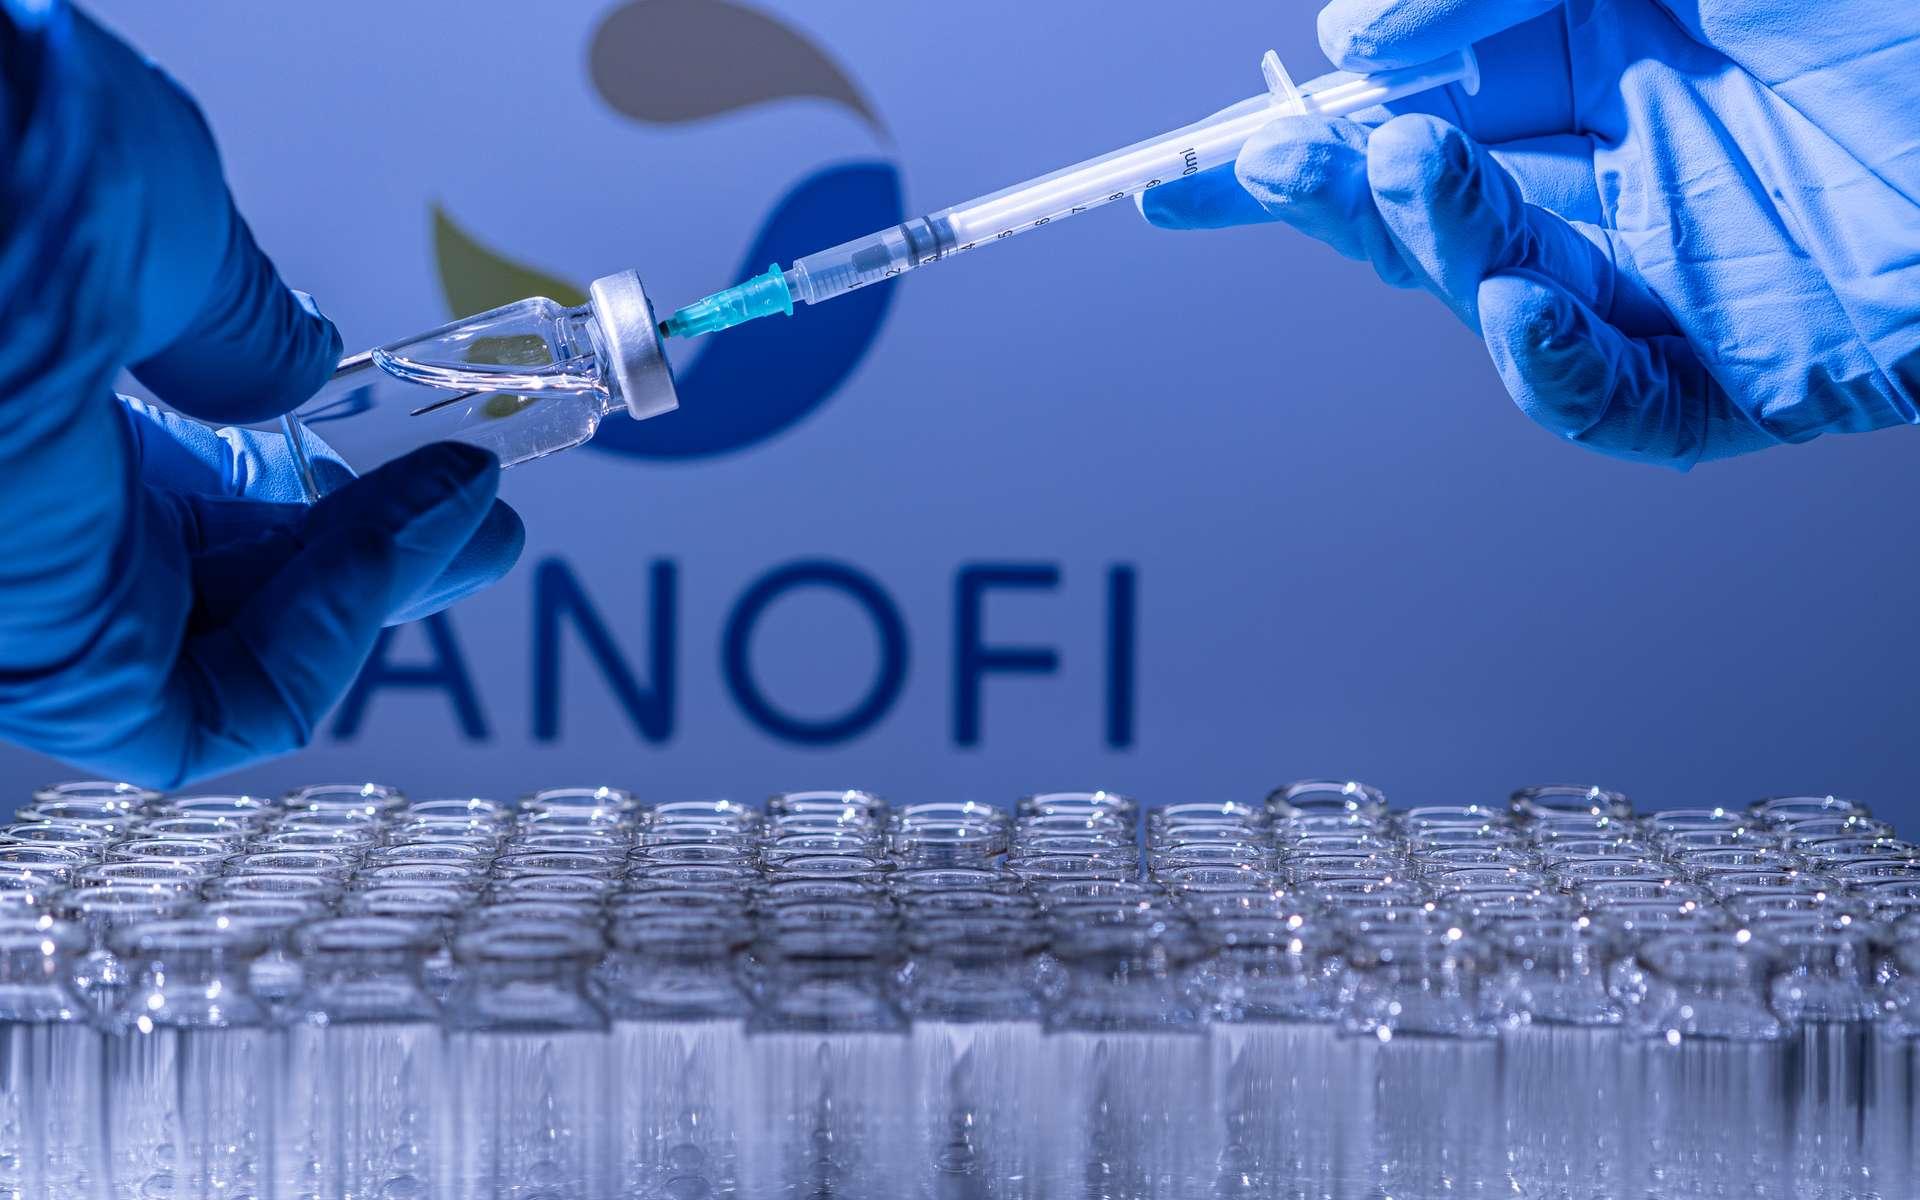 Sanofi lance un essai de phase I chez l'Homme pour un vaccin anti-grippe à ARN messager. © desertsands, Adobe Stock